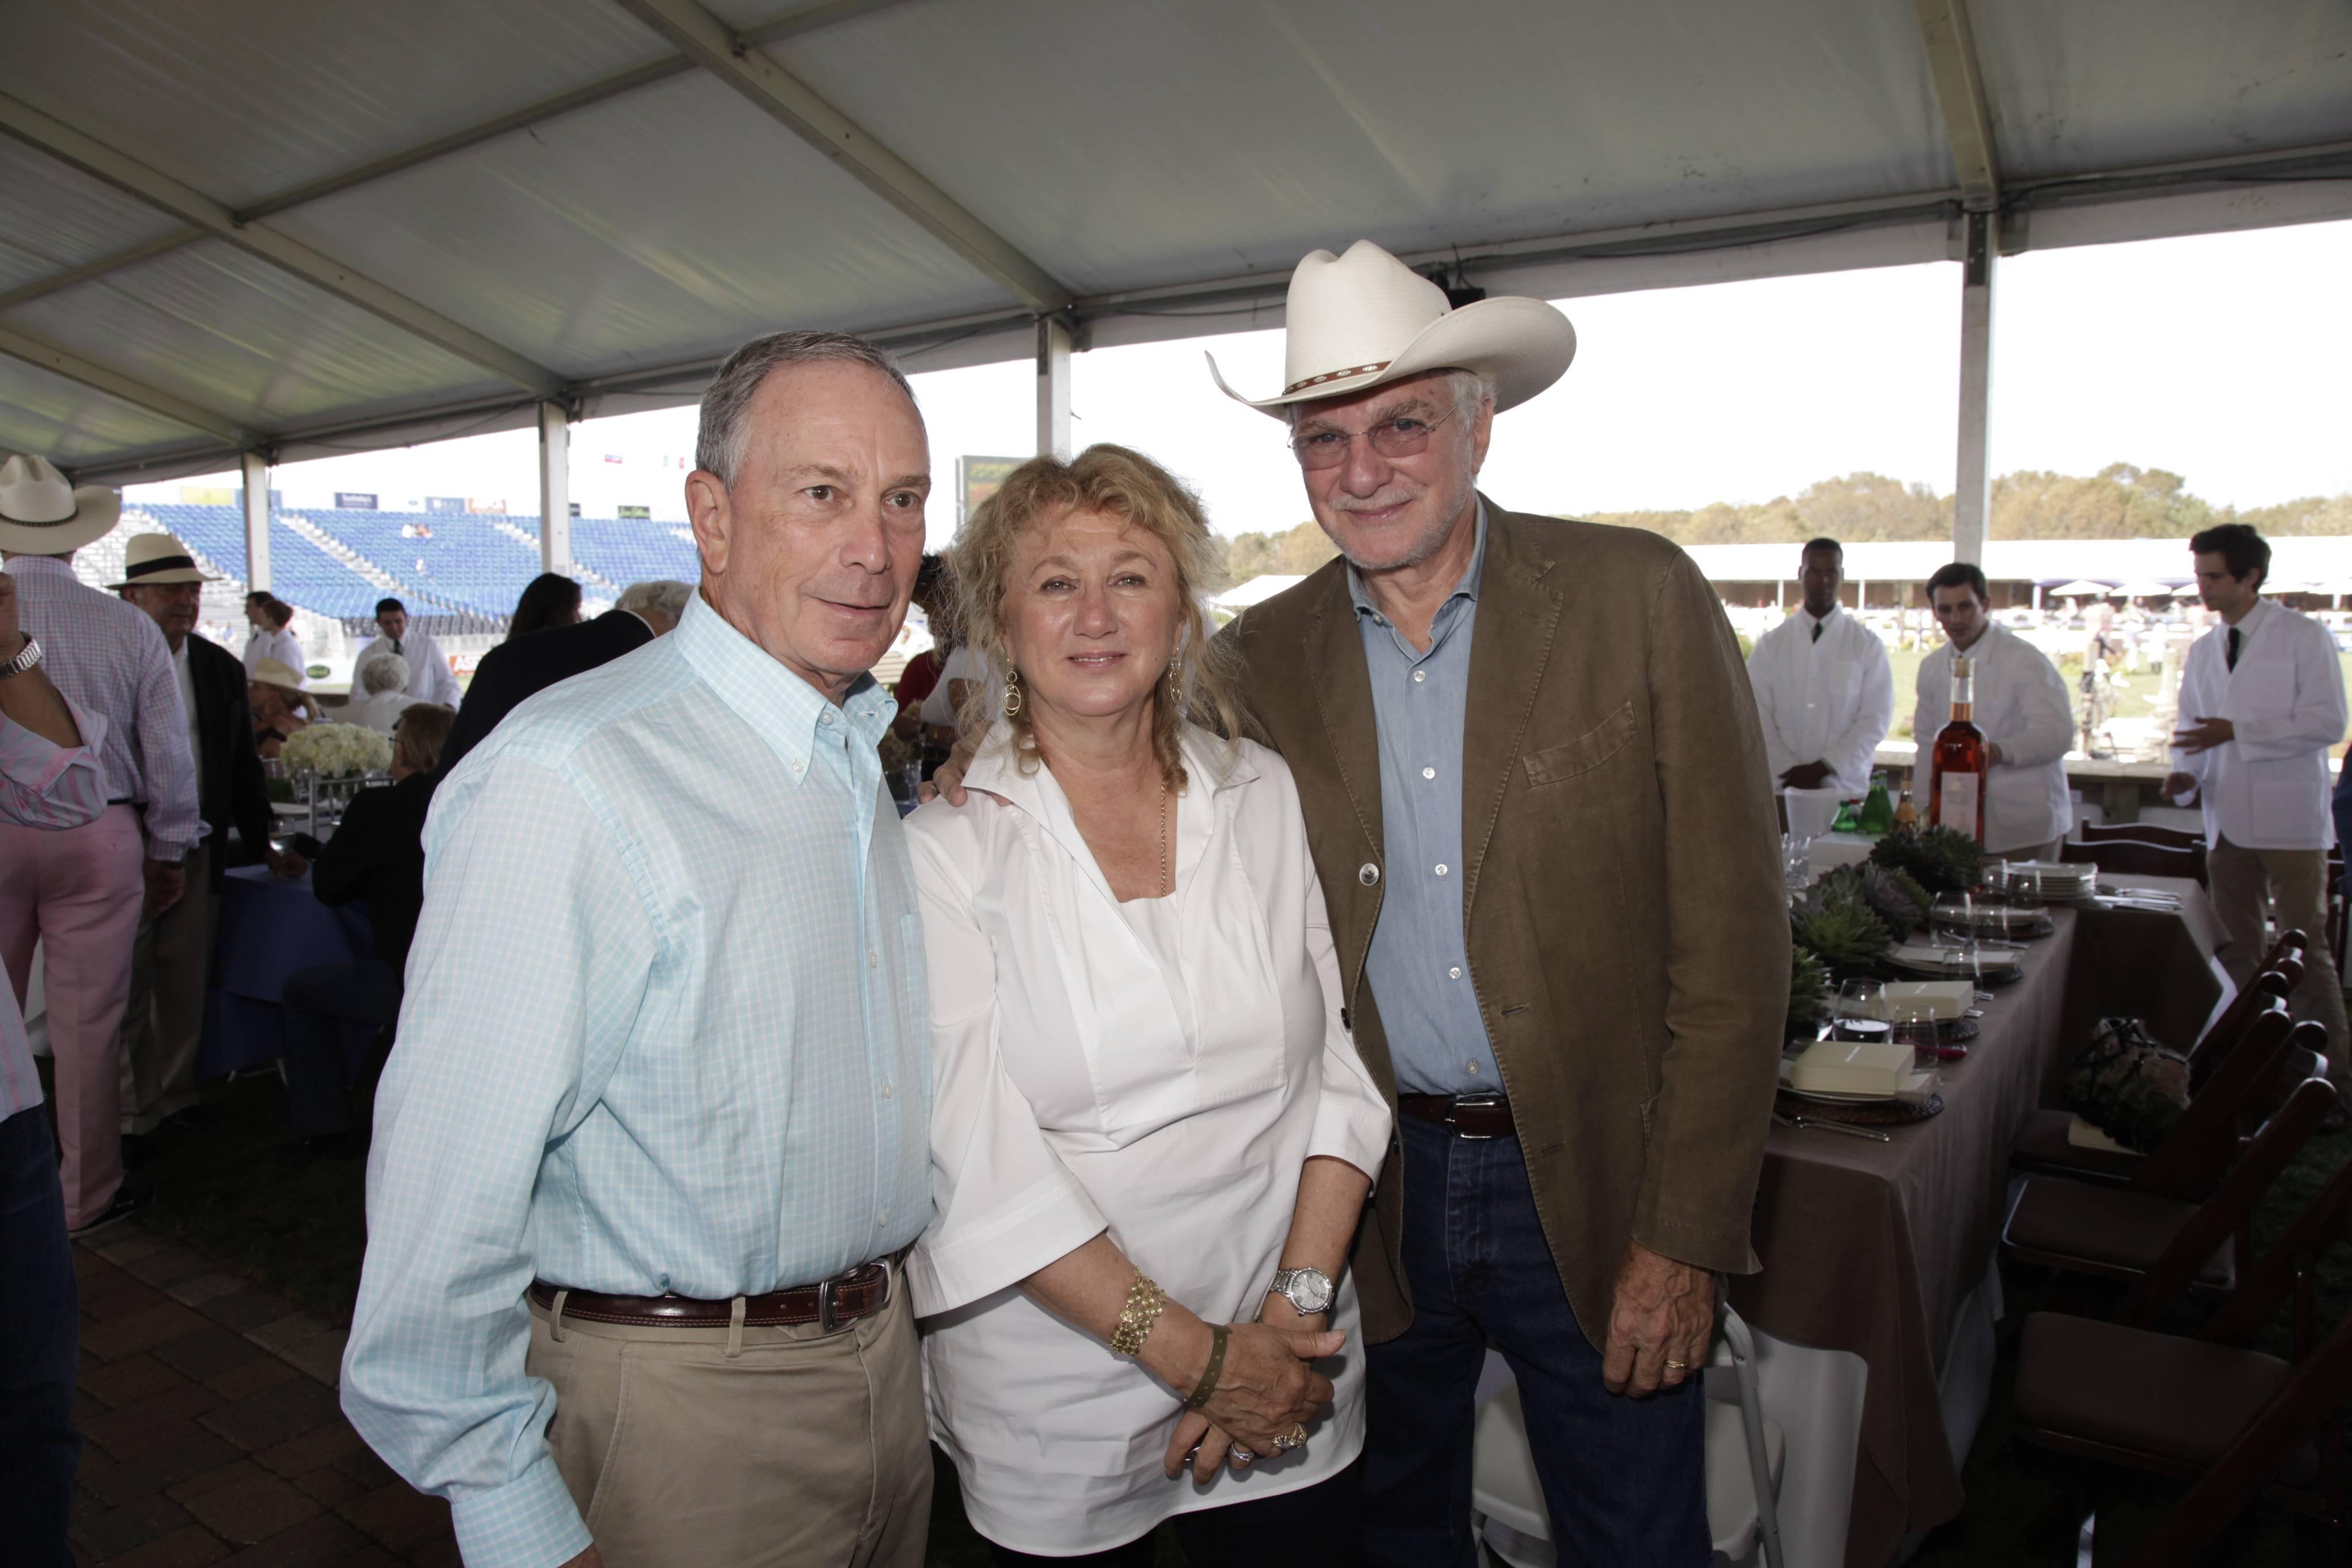 Mayor Bloomberg, SY, DY2